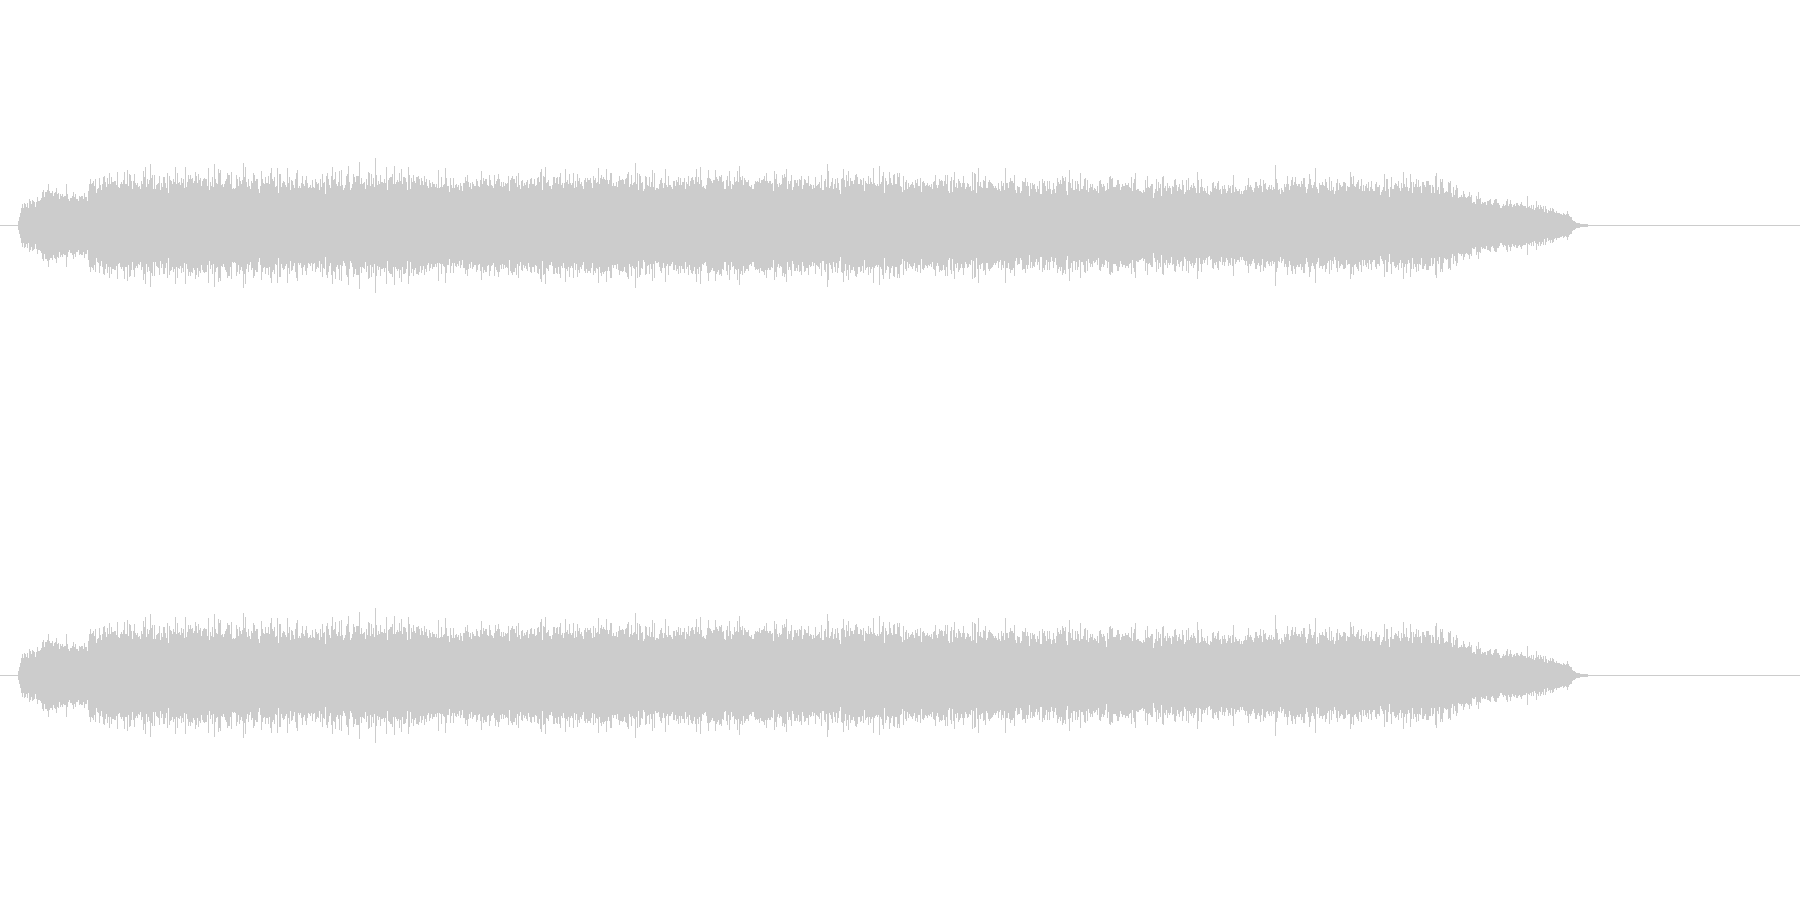 ウィーン(機械音)の未再生の波形